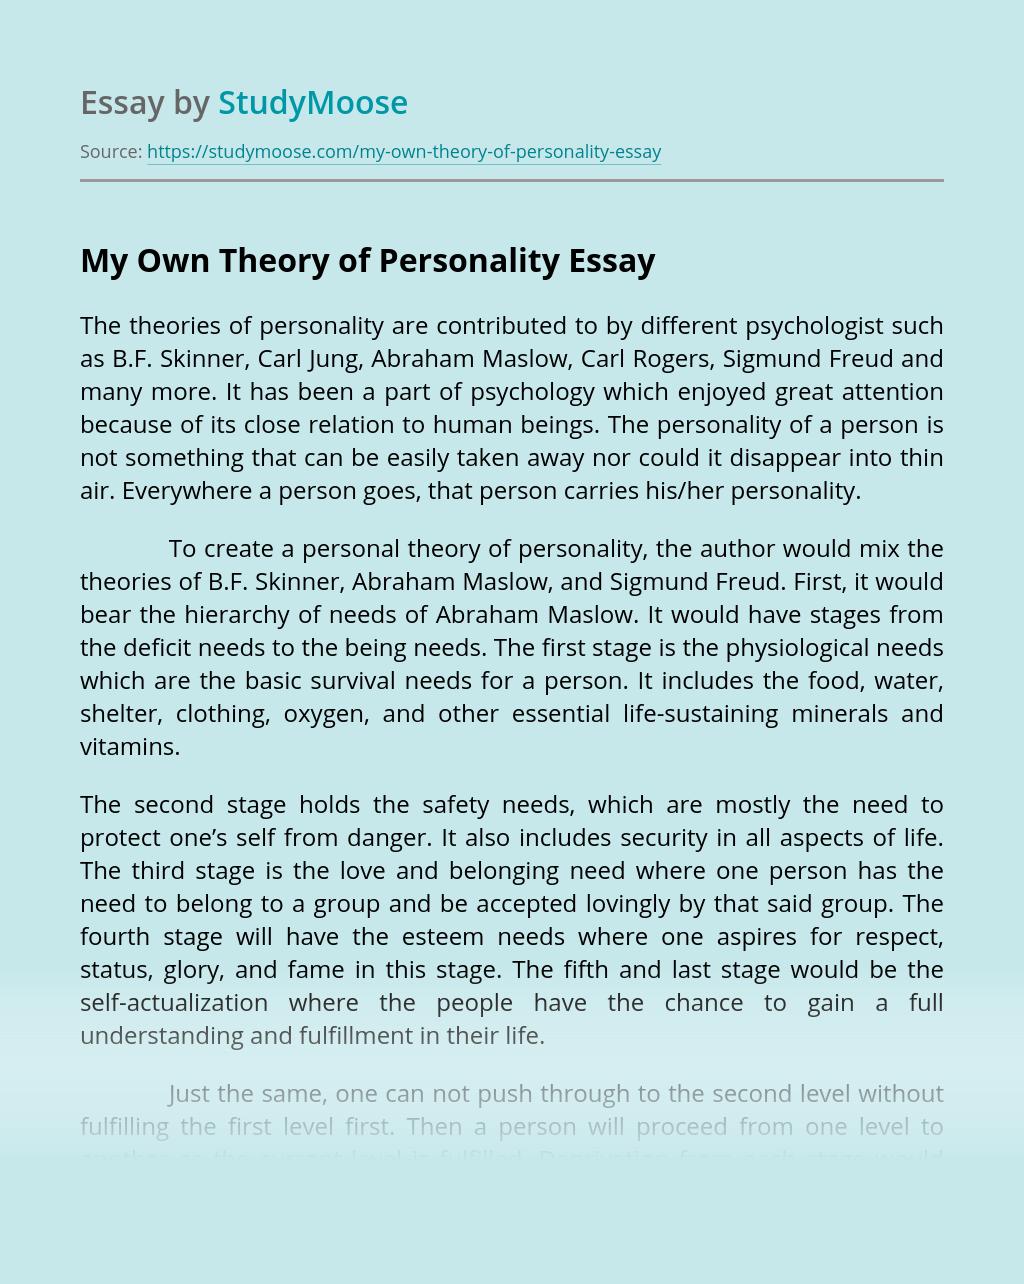 Personality theory essay to kill a mockingbird prejudice essay examples